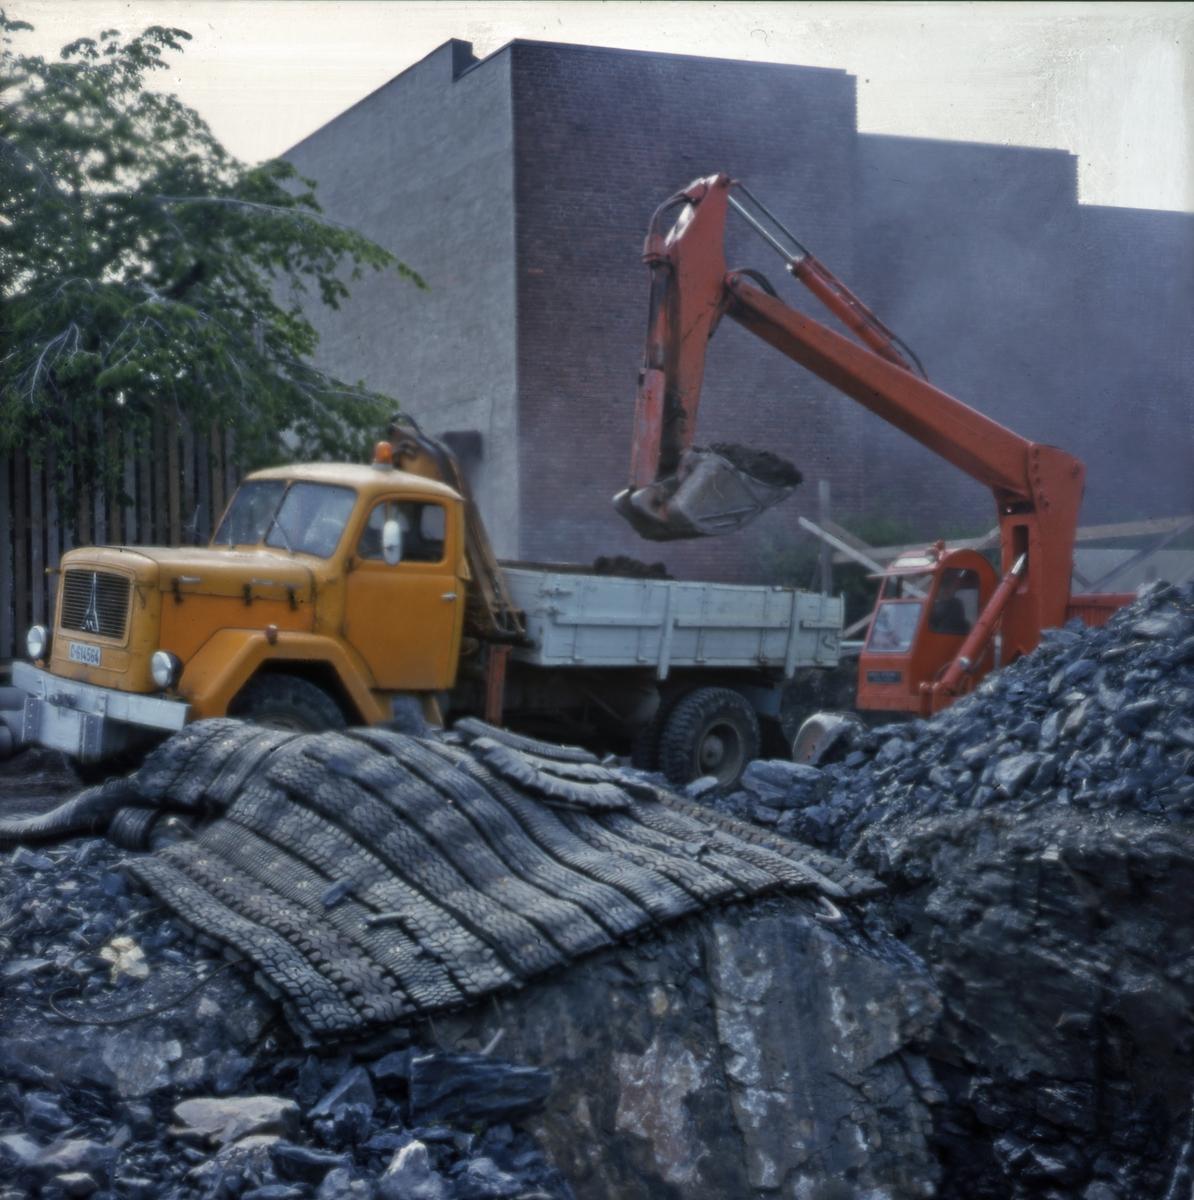 Utgravning av tomten - Norsk Sjøfartsmuseum byggetrinn 3.